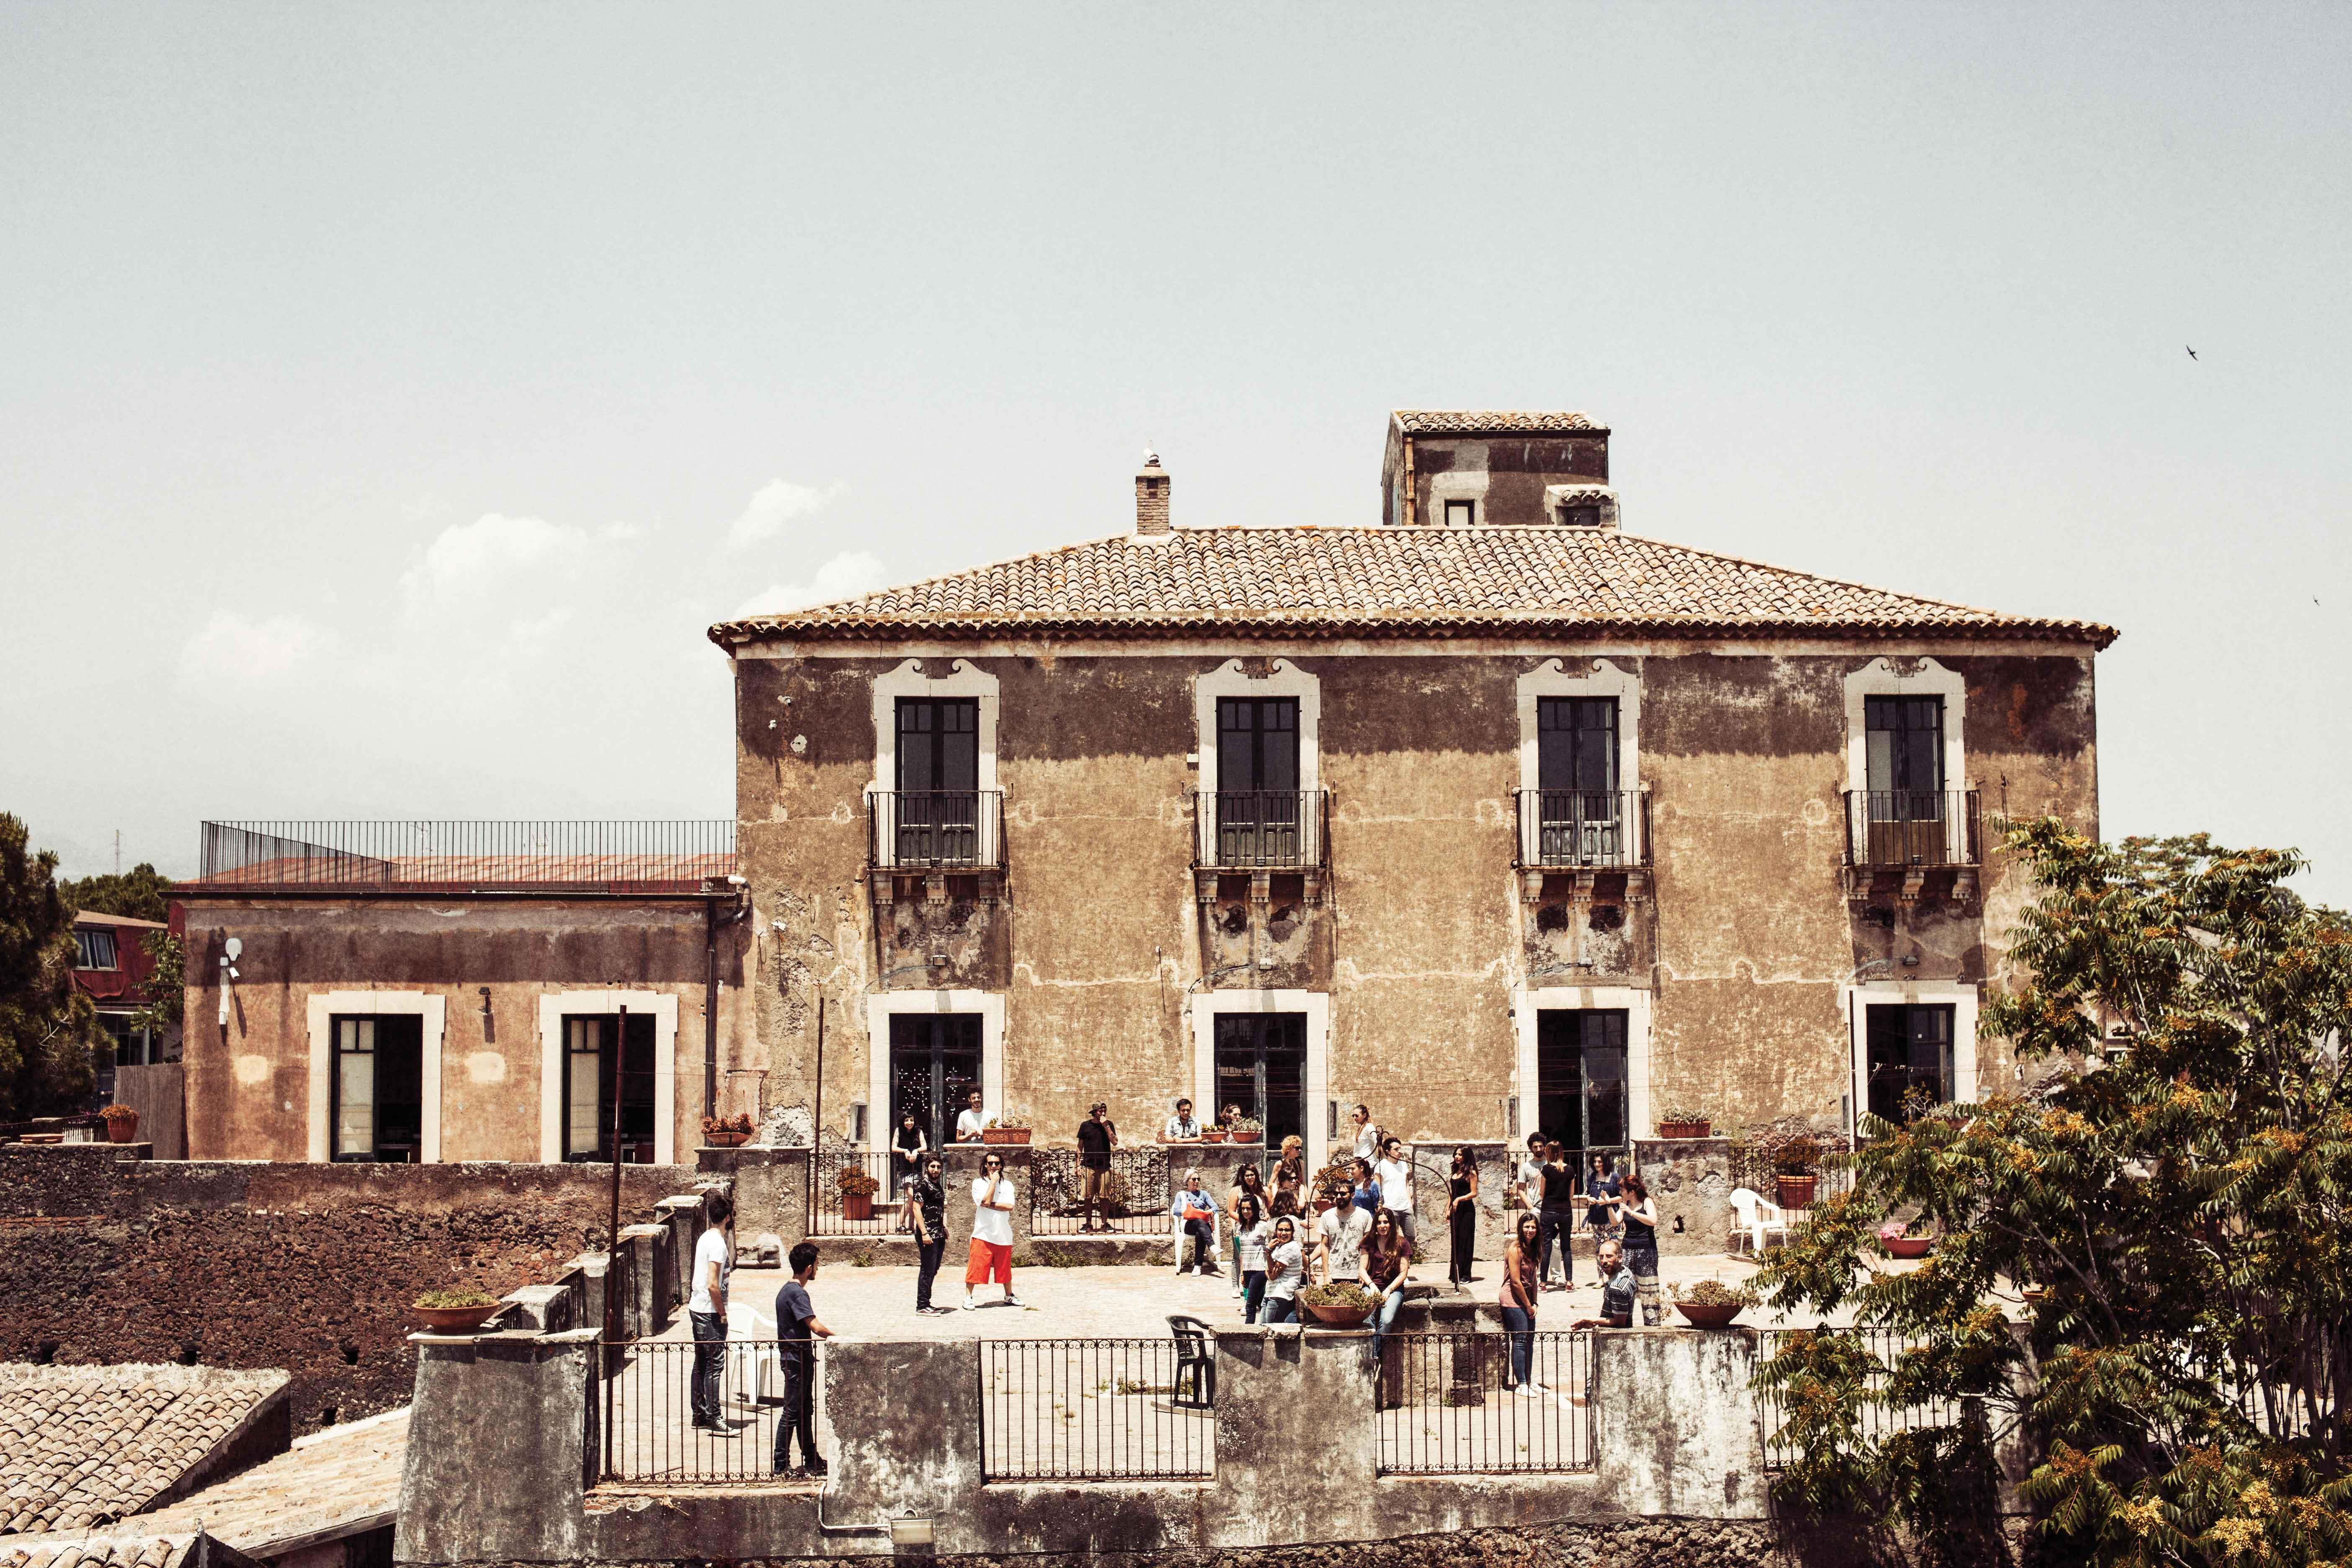 L'antico caseggiato settecentesco, sede dell'Abadir a SAnt'Agata LI Battiati (CT).